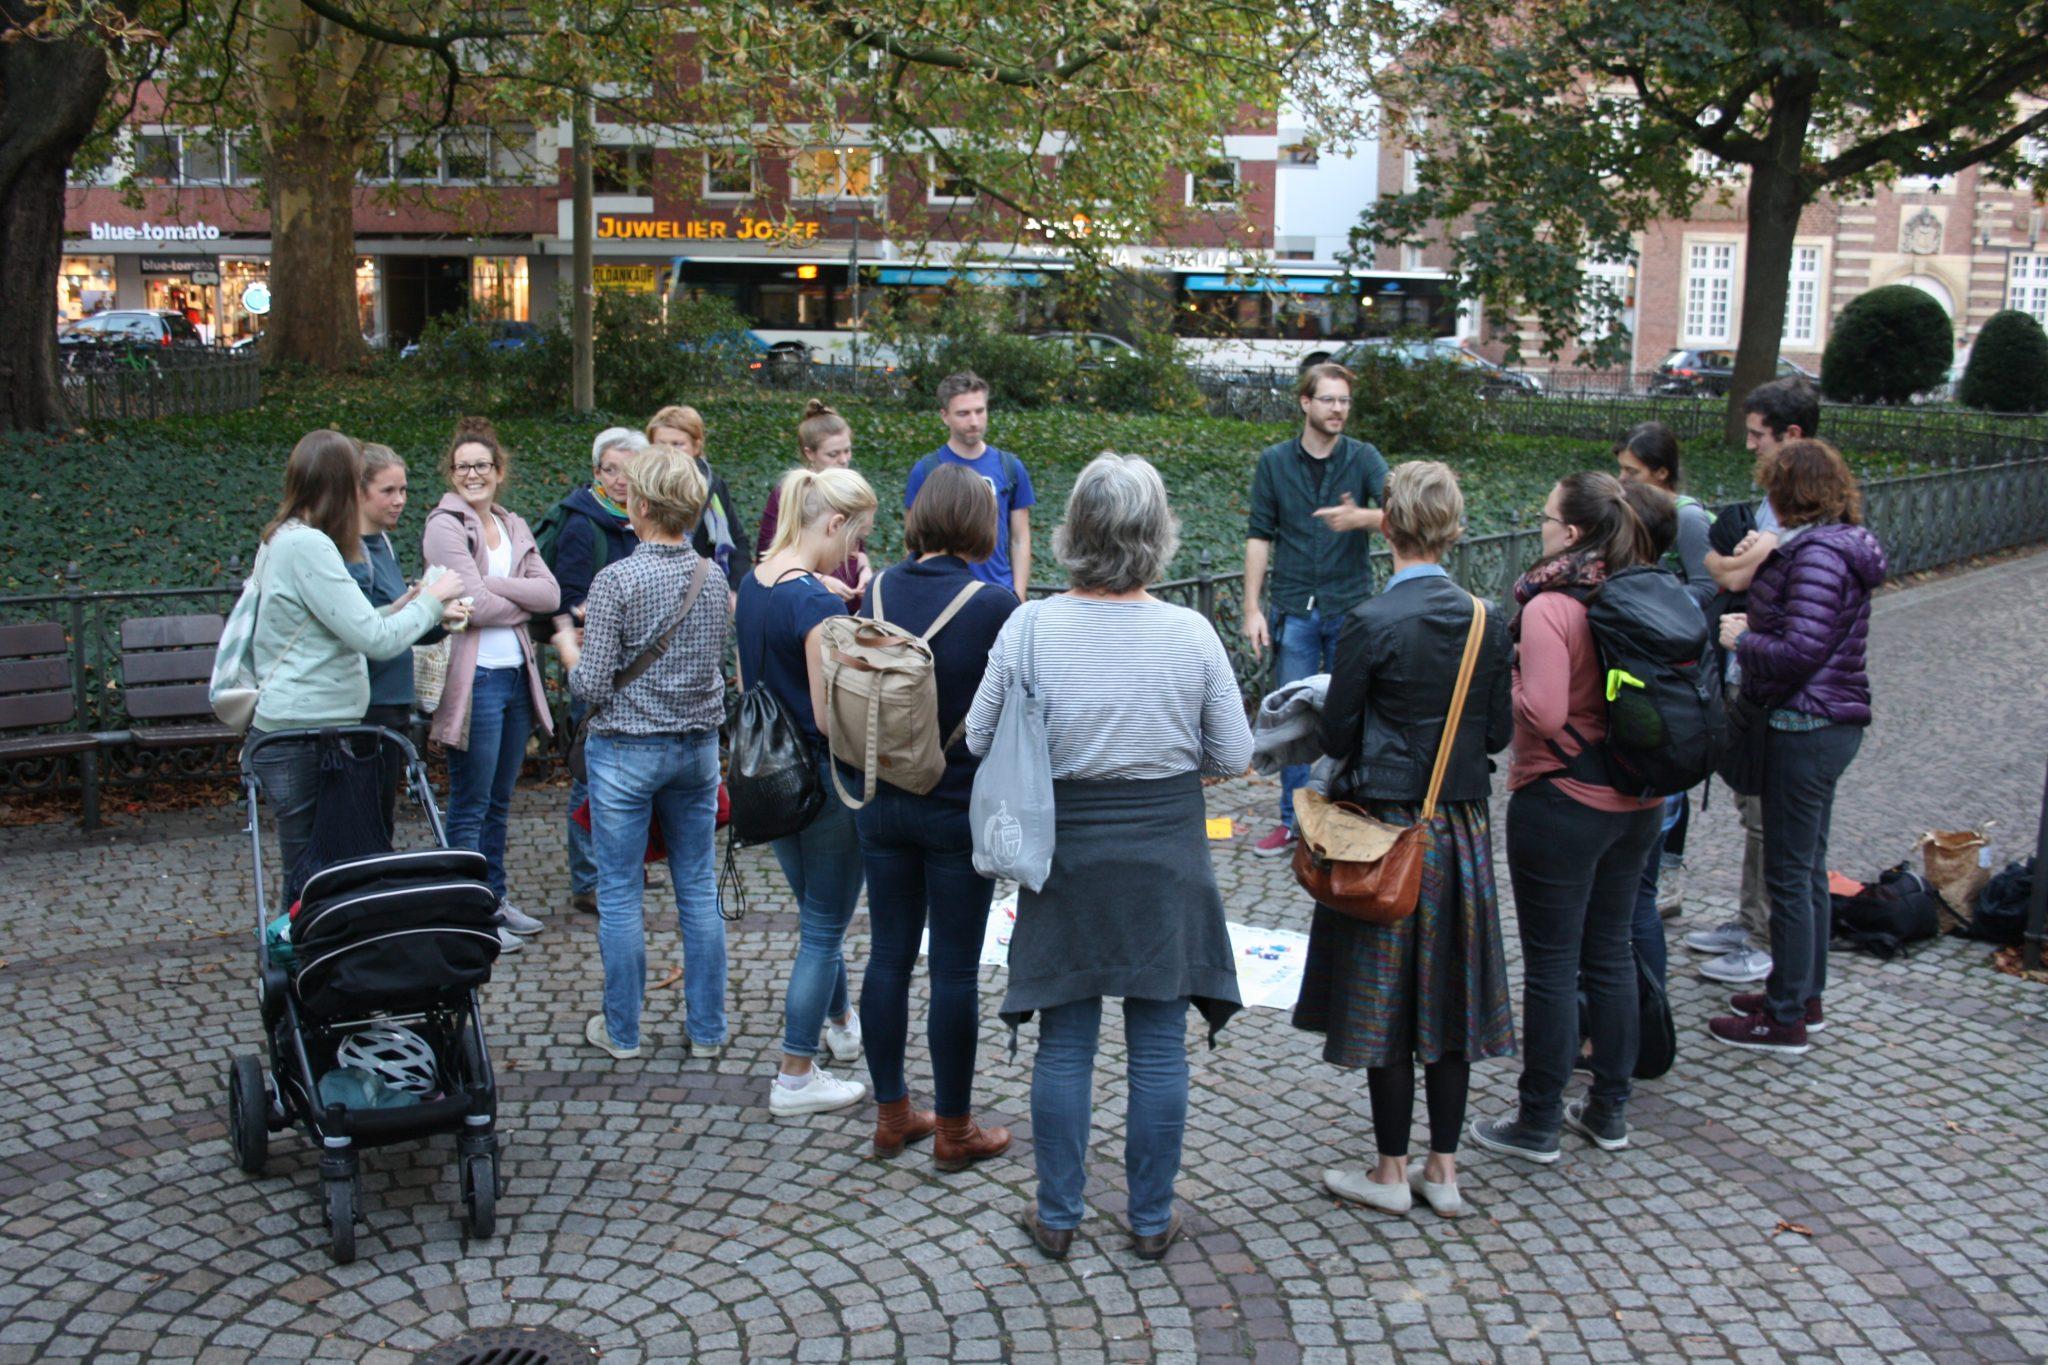 Bild zeigt eine Gruppe beim Stadtrundgang.